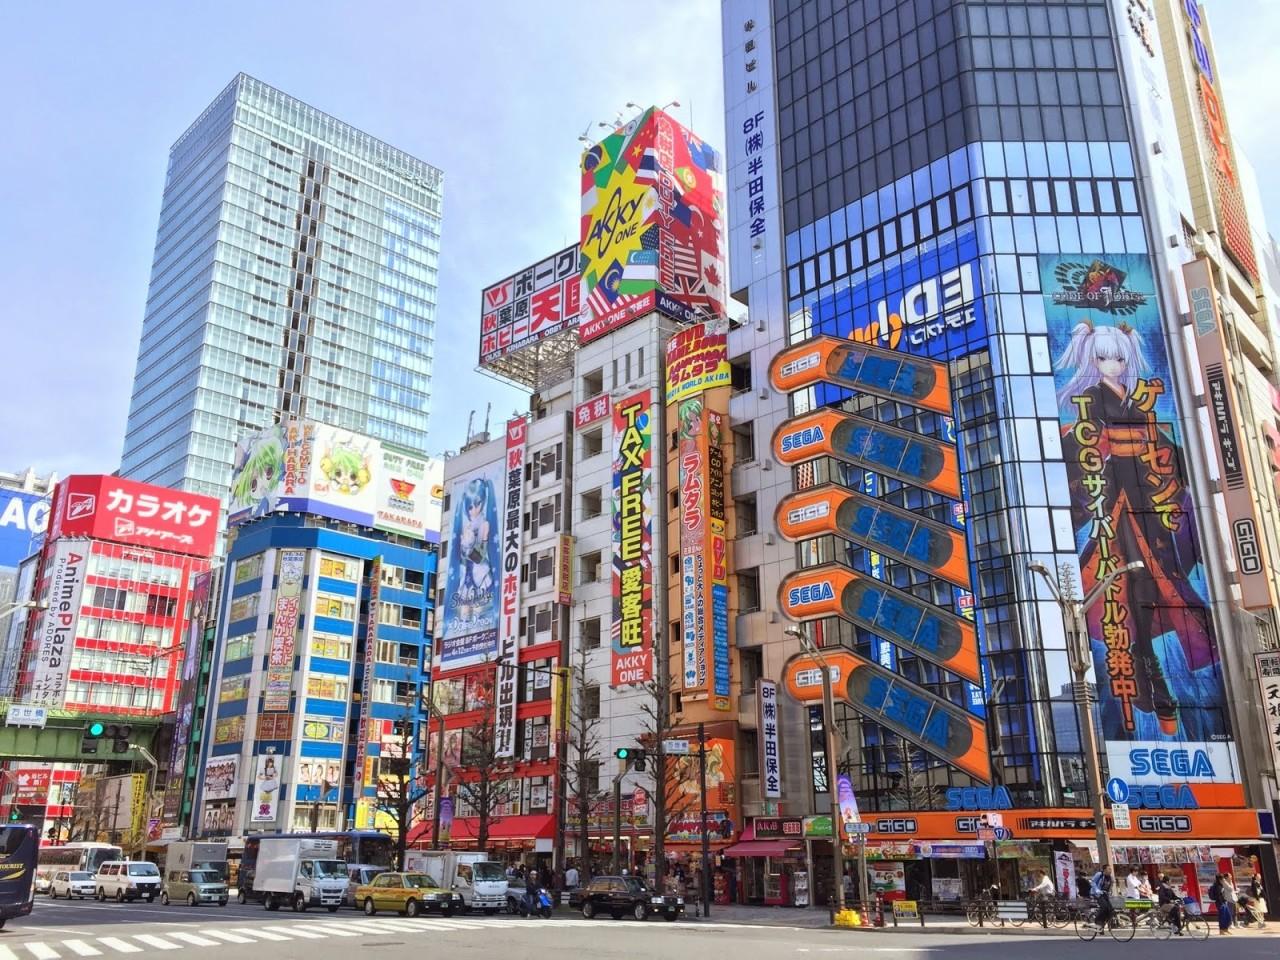 อากิฮาบาระ สวรรค์ของคนรักการ์ตูนญี่ปุ่น